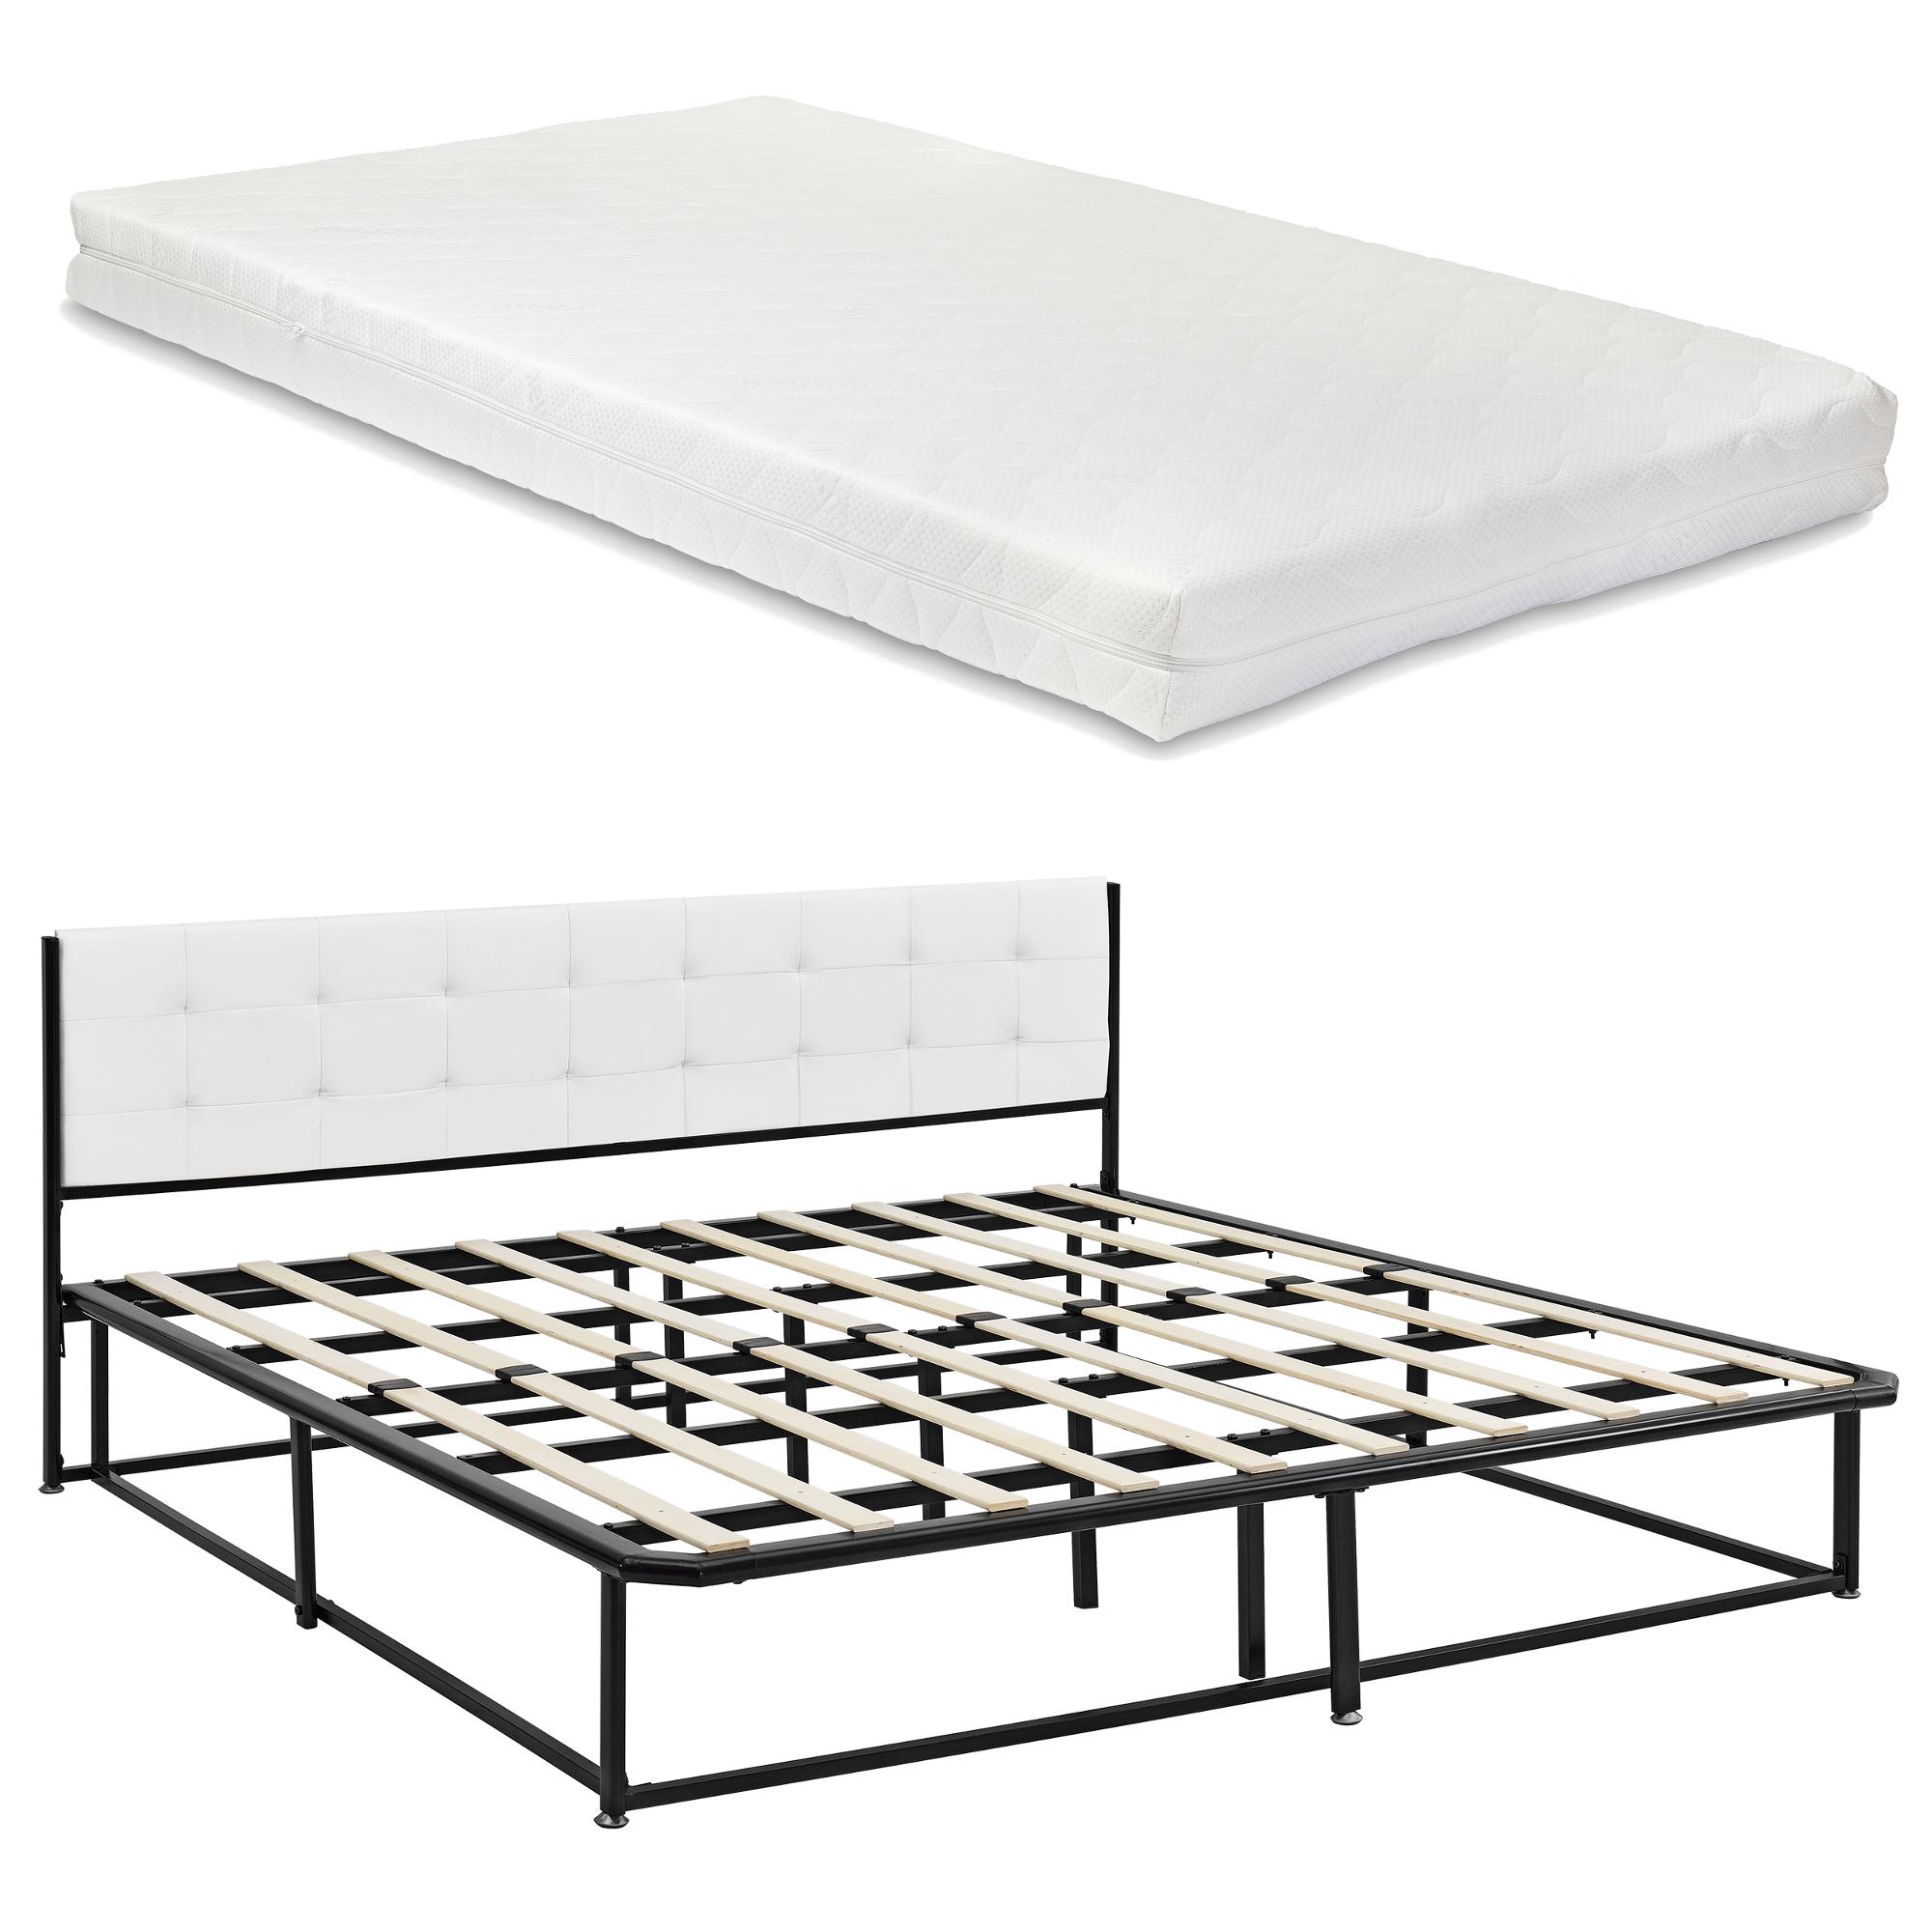 metallbett 180x200 schwarz mit matratze bett polsterbett kunstleder ebay. Black Bedroom Furniture Sets. Home Design Ideas